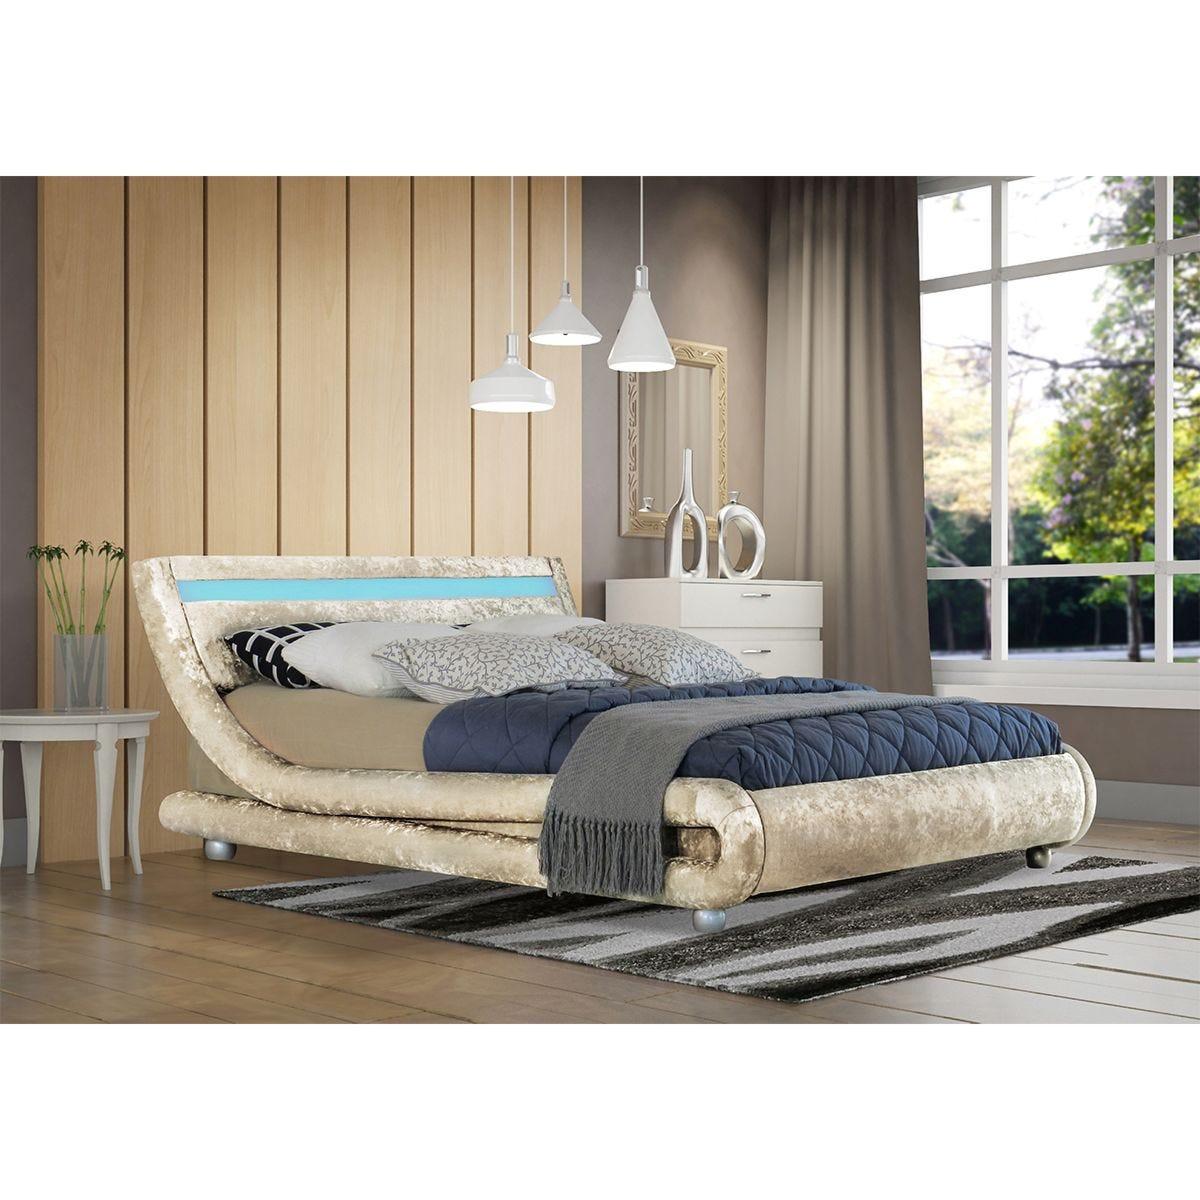 Elias LED Bed Frame - Cream